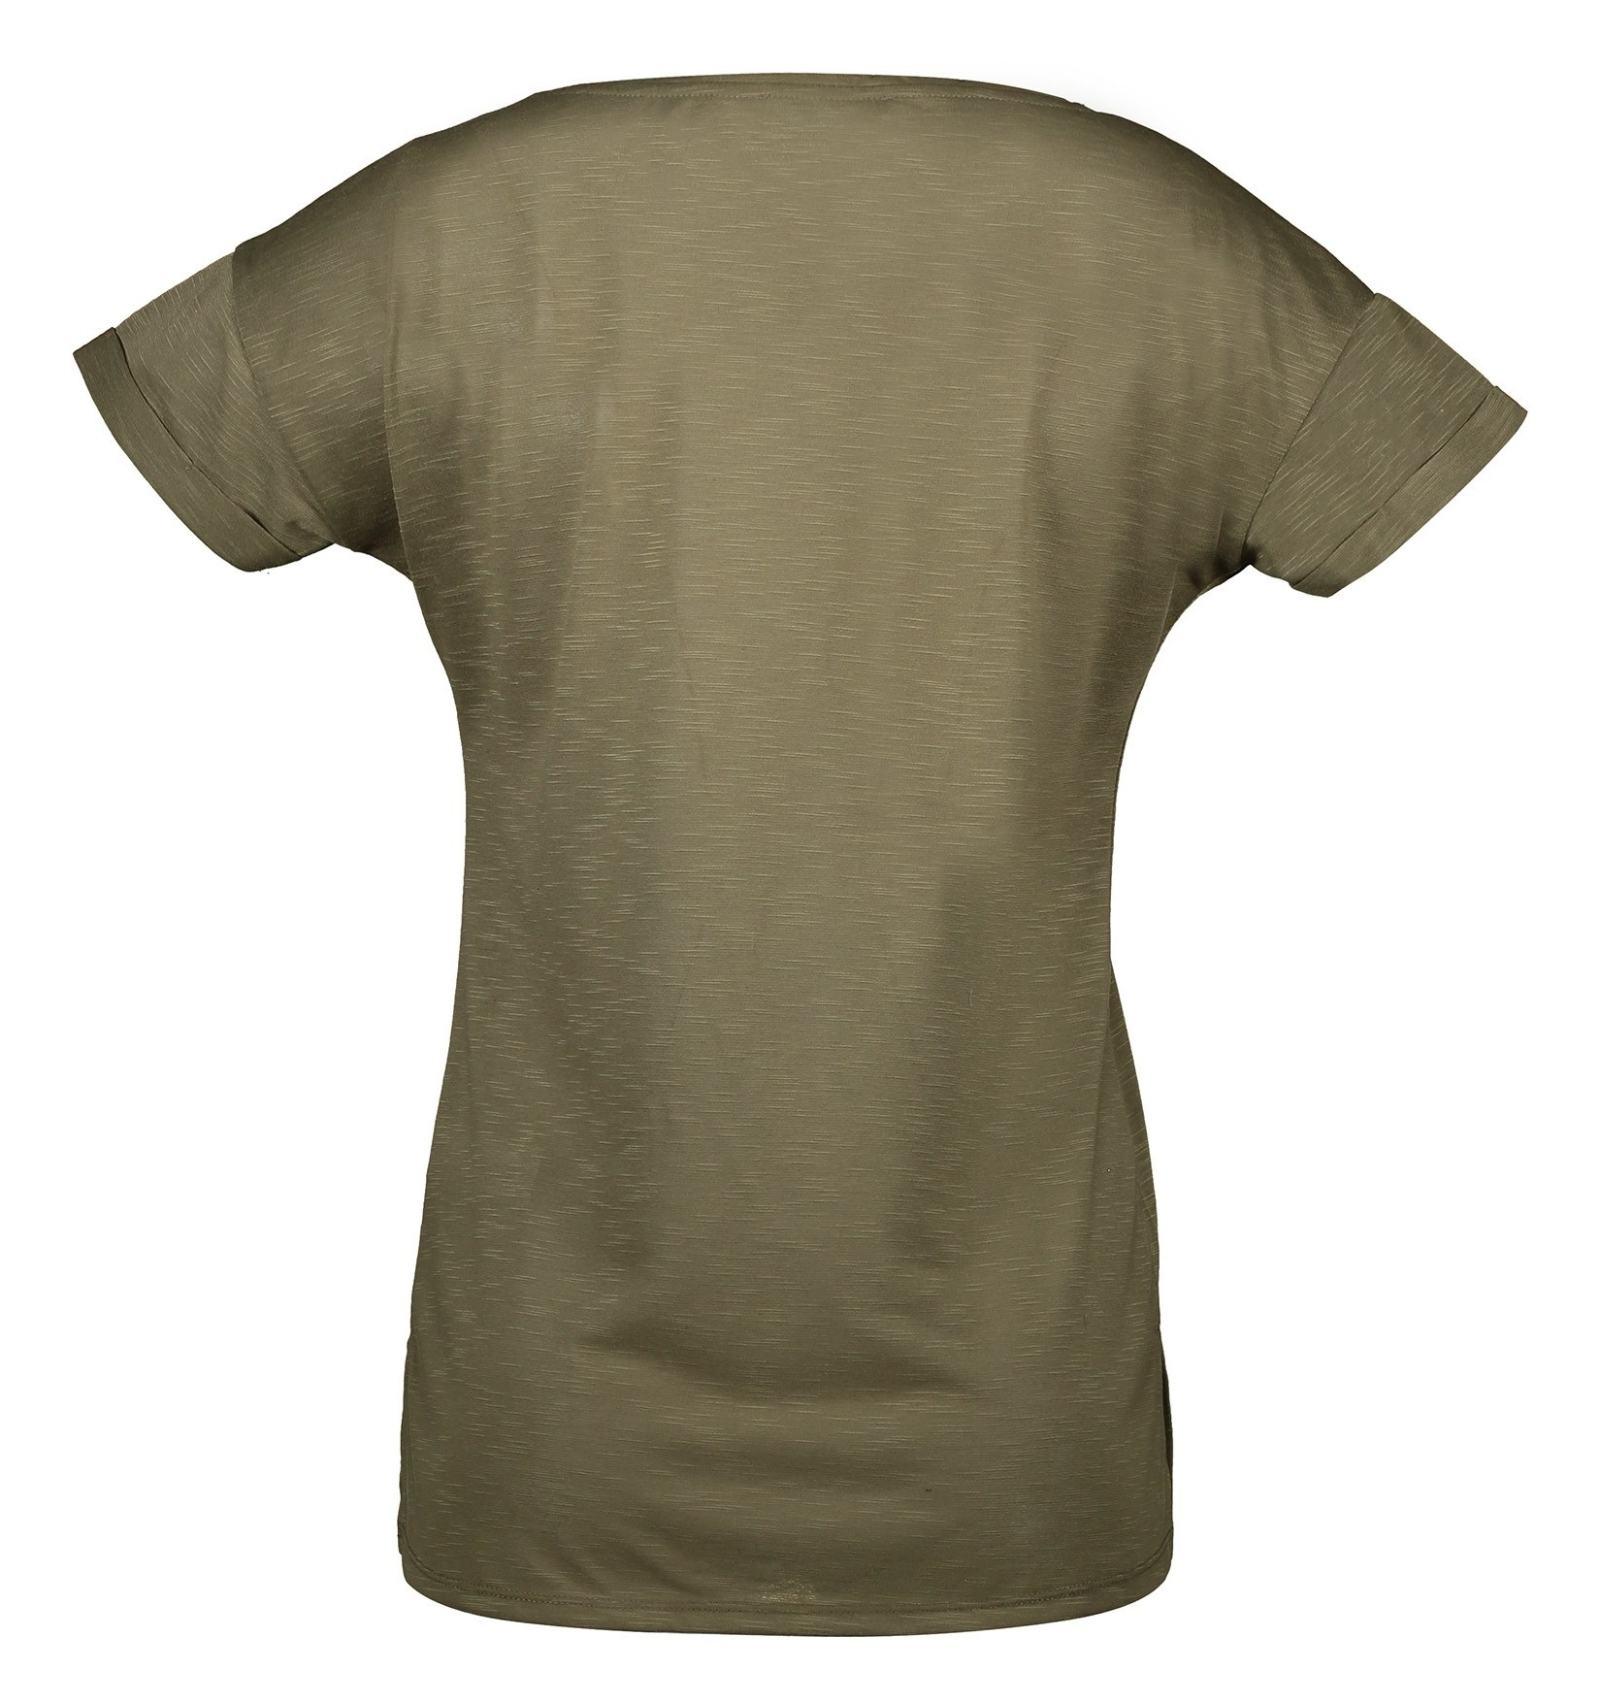 تی شرت یقه گرد زنانه - ال سی وایکیکی - زيتوني - 2